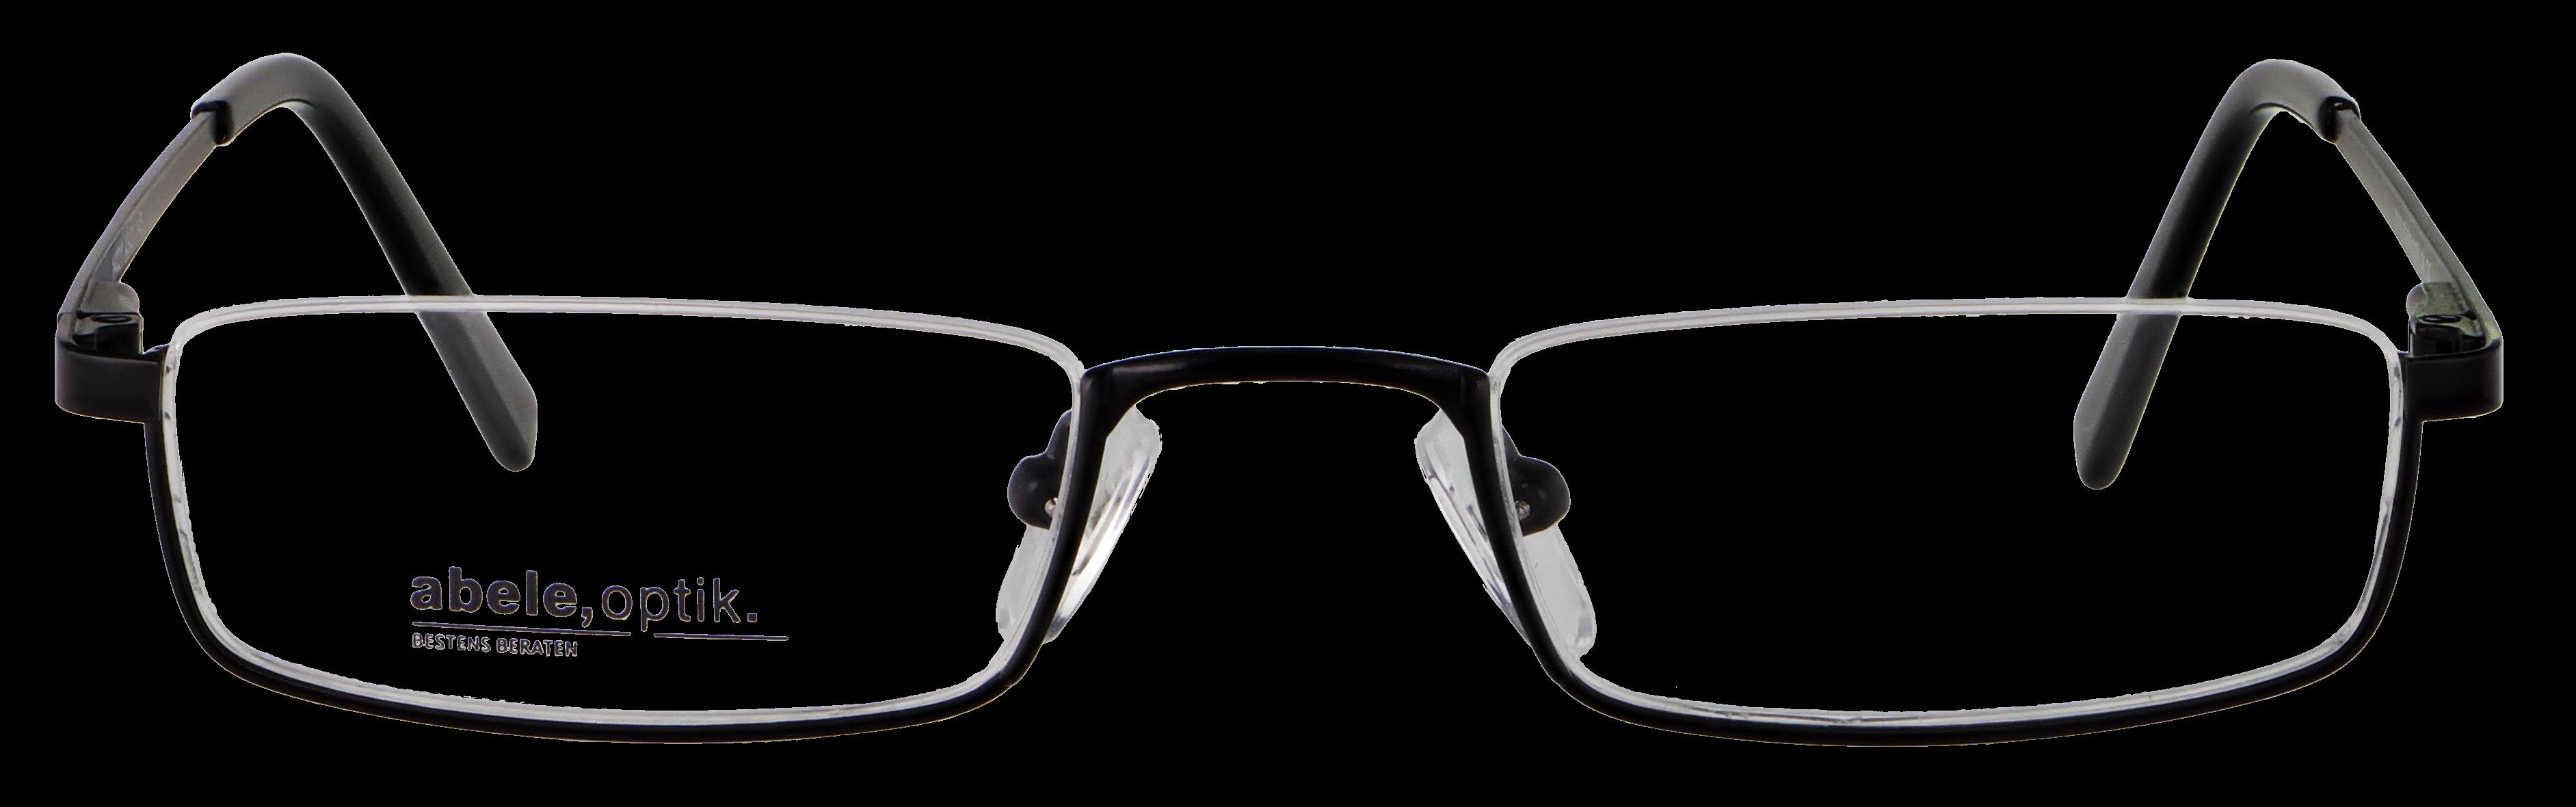 abele optik Brille 140211